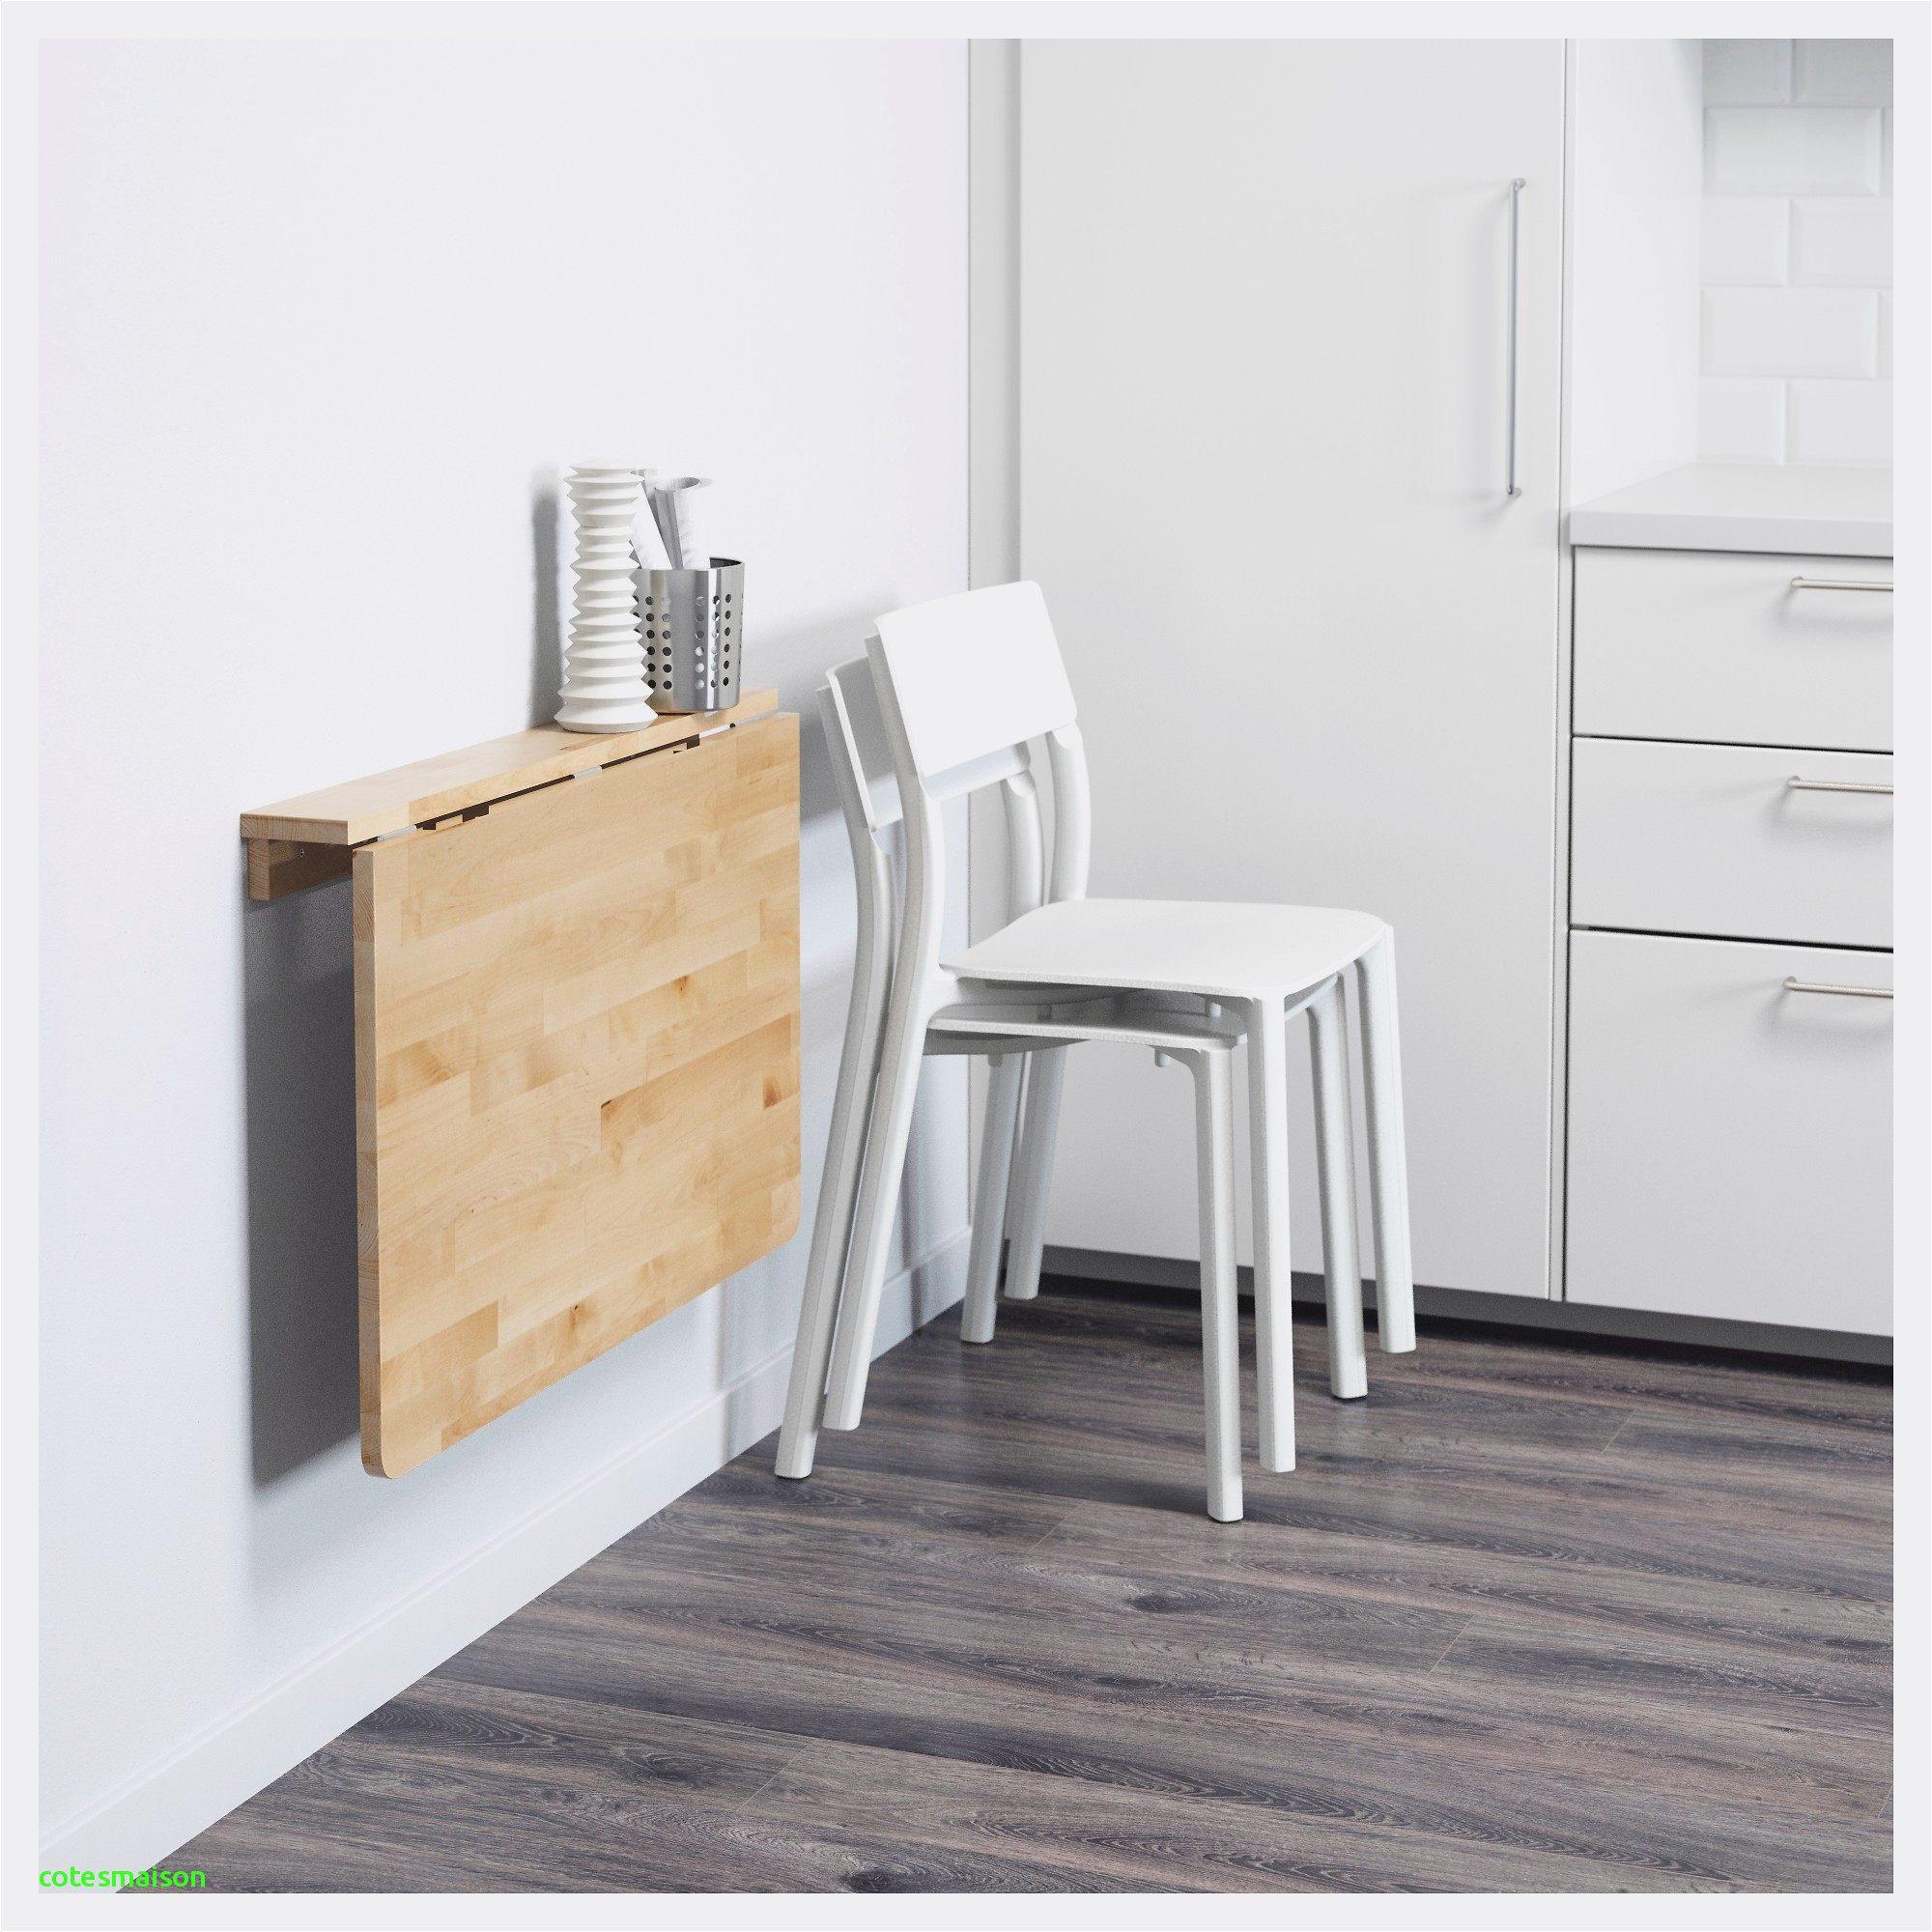 Lit Rond Ikea Sultan Élégant Plateau Ikea Fantastique Et Aussi Beau Lit Rond Ikea – Cotesmaison